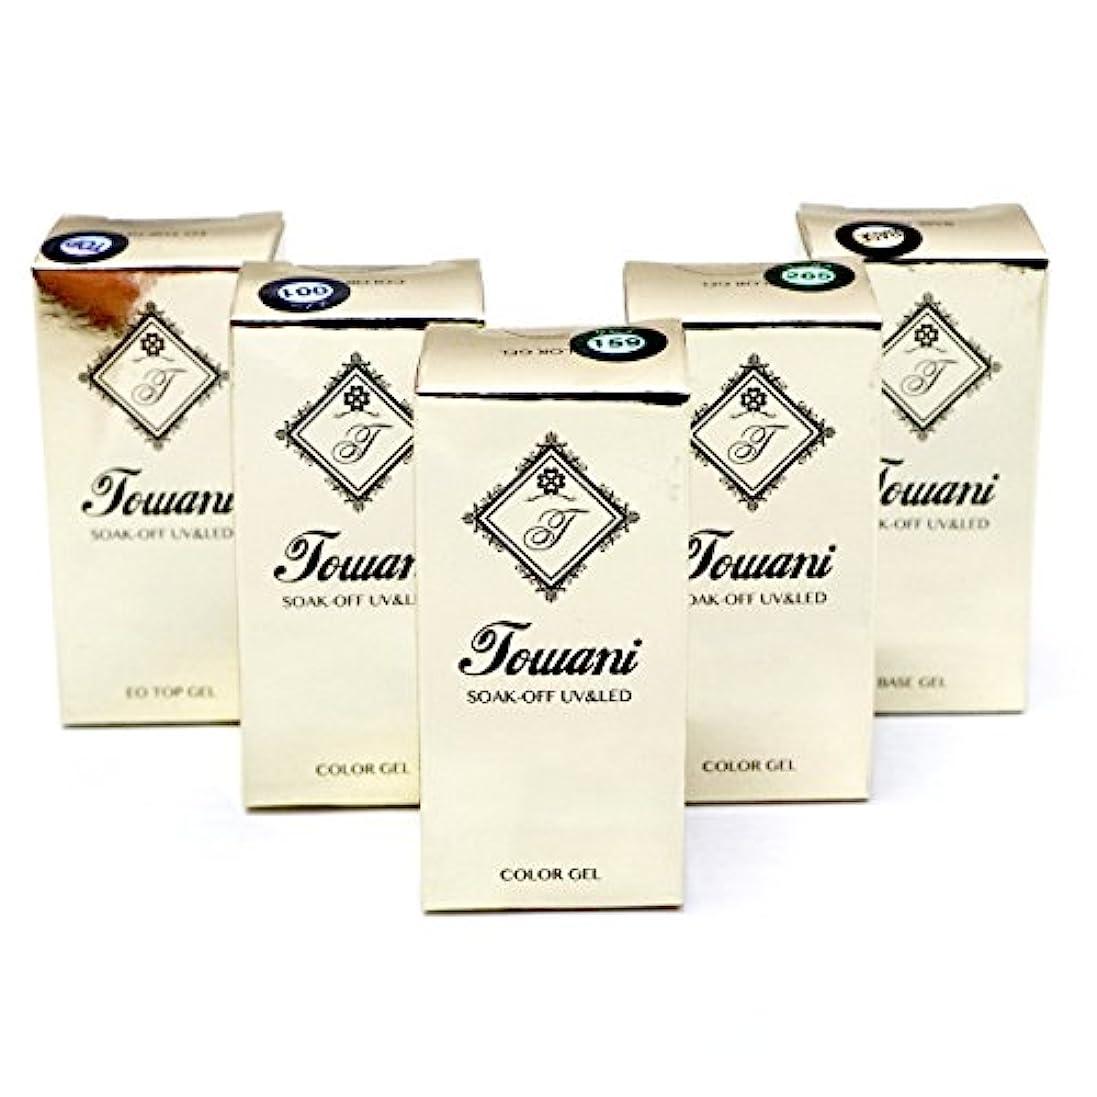 祖先いつ不変Towani ジェルネイル トップジェル 拭き取り不要 ノンワイプ ベースジェル ノンサンディング カラージェル (セット1)